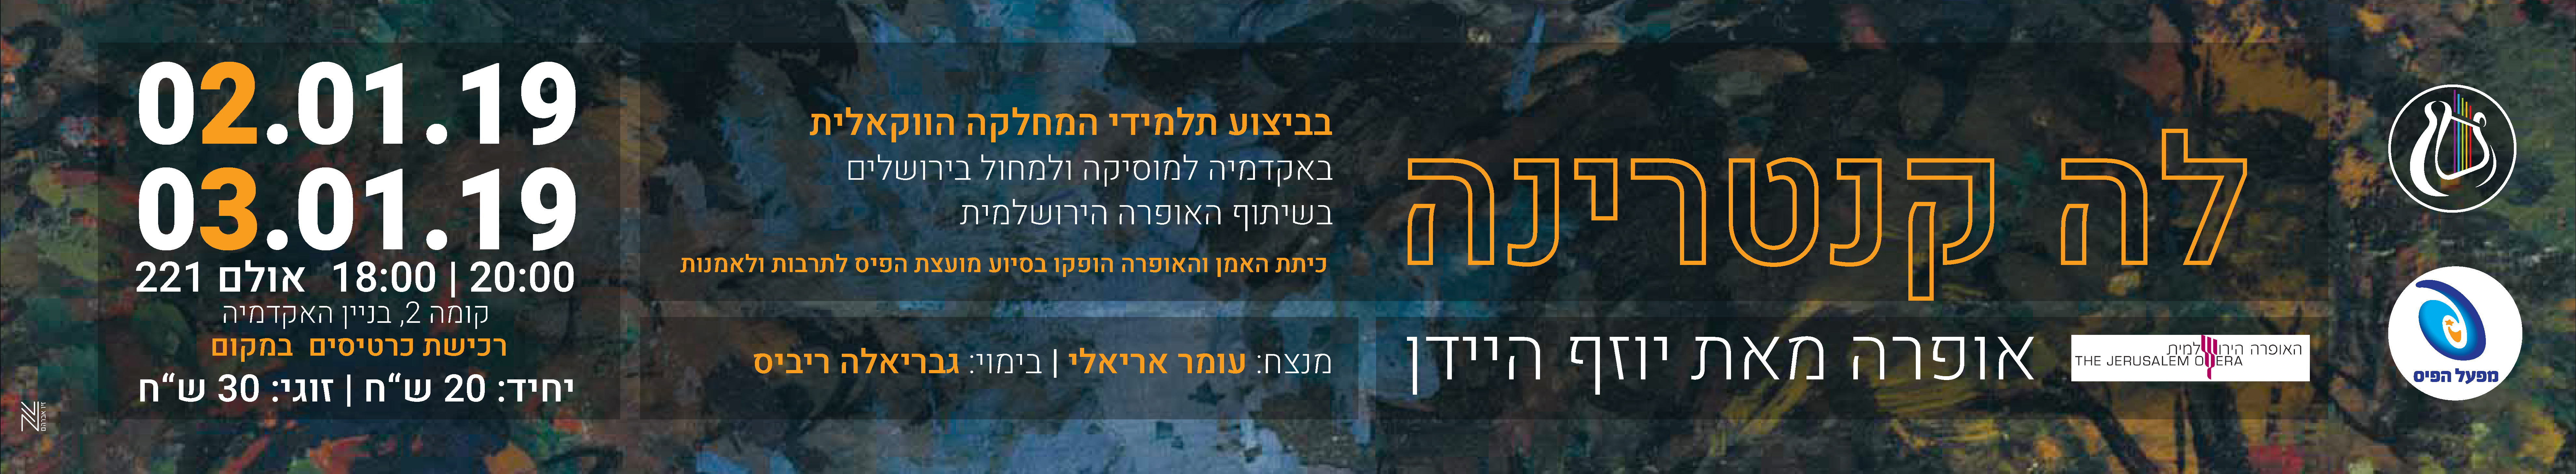 האופרה לה קנטרינה - בביצוע תלמידי האקדמיה בשיתוף עם האופרה הירושלמית